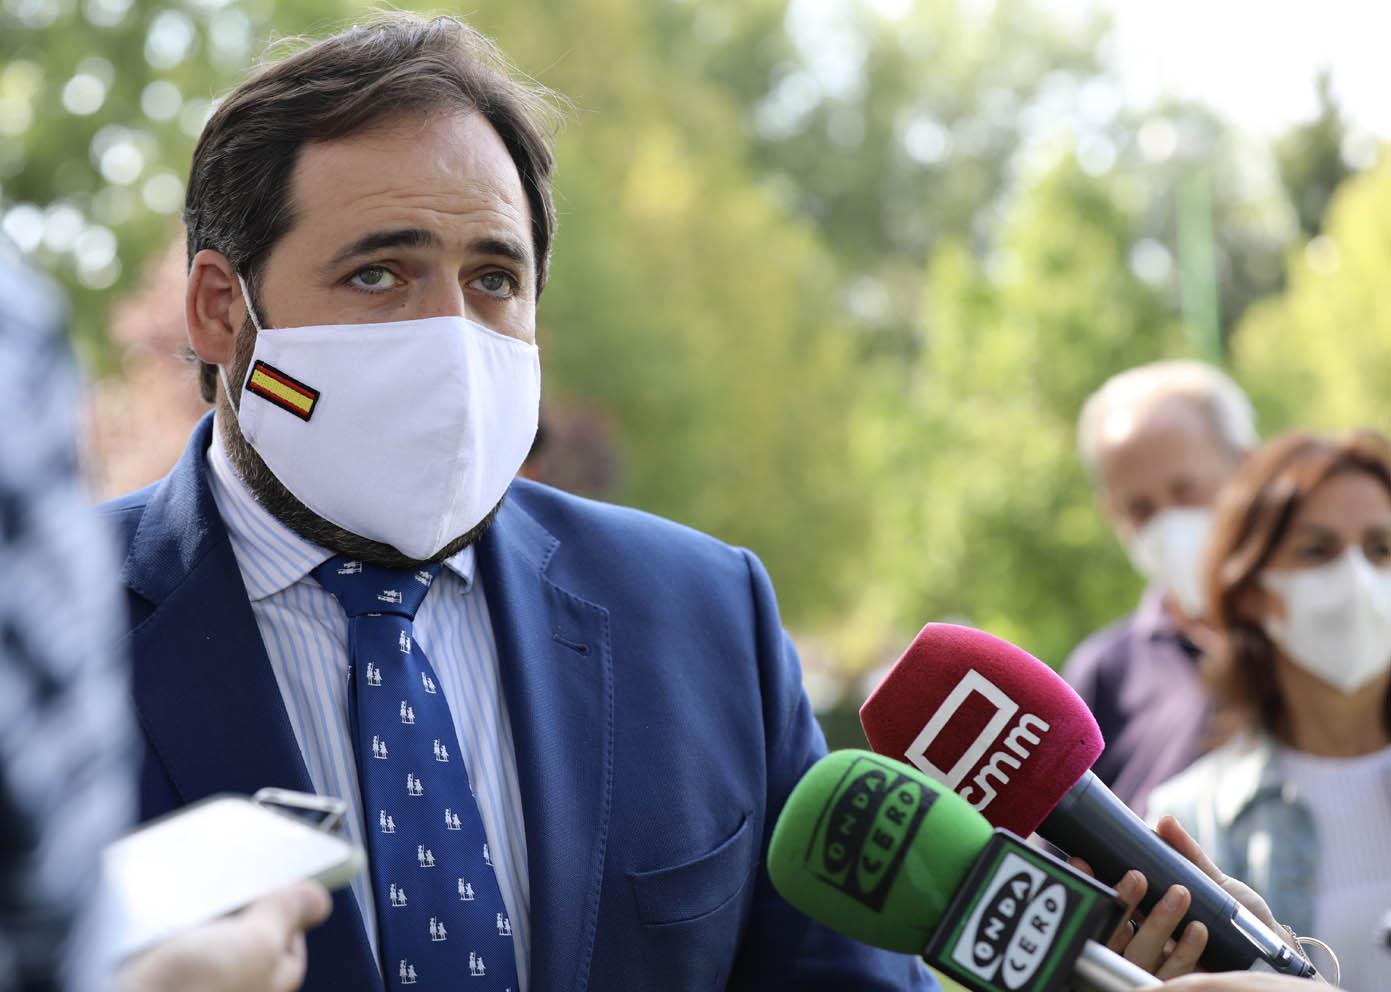 El presidente del PP de Castilla-La Mancha, Paco Núñez, atendiendo a los medios en Cuenca.